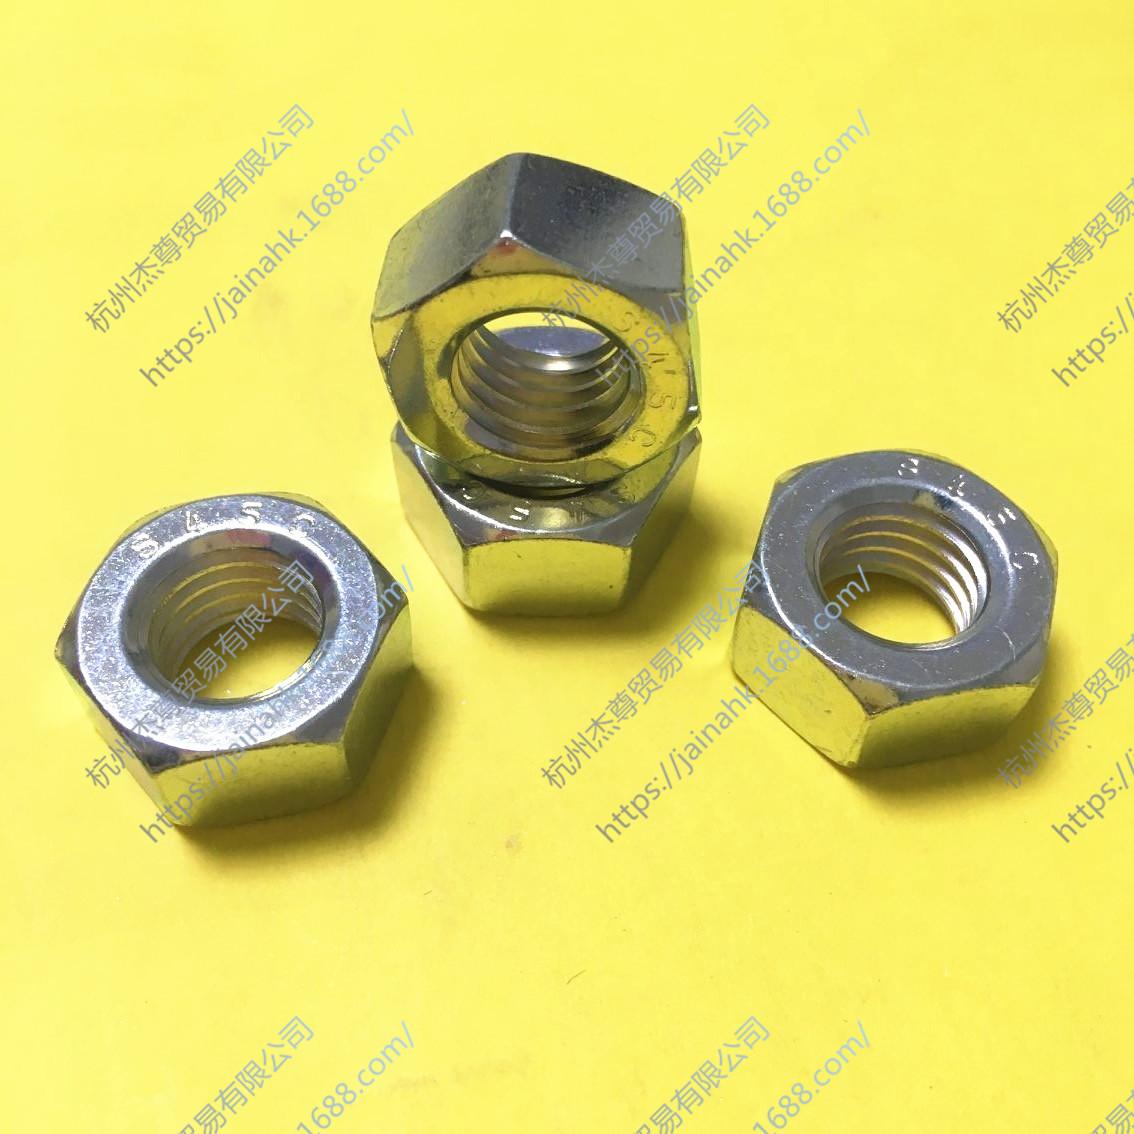 厂家螺母现货特价 六角螺母 螺帽 M12X1.75 强度8.8级 碳钢镀锌